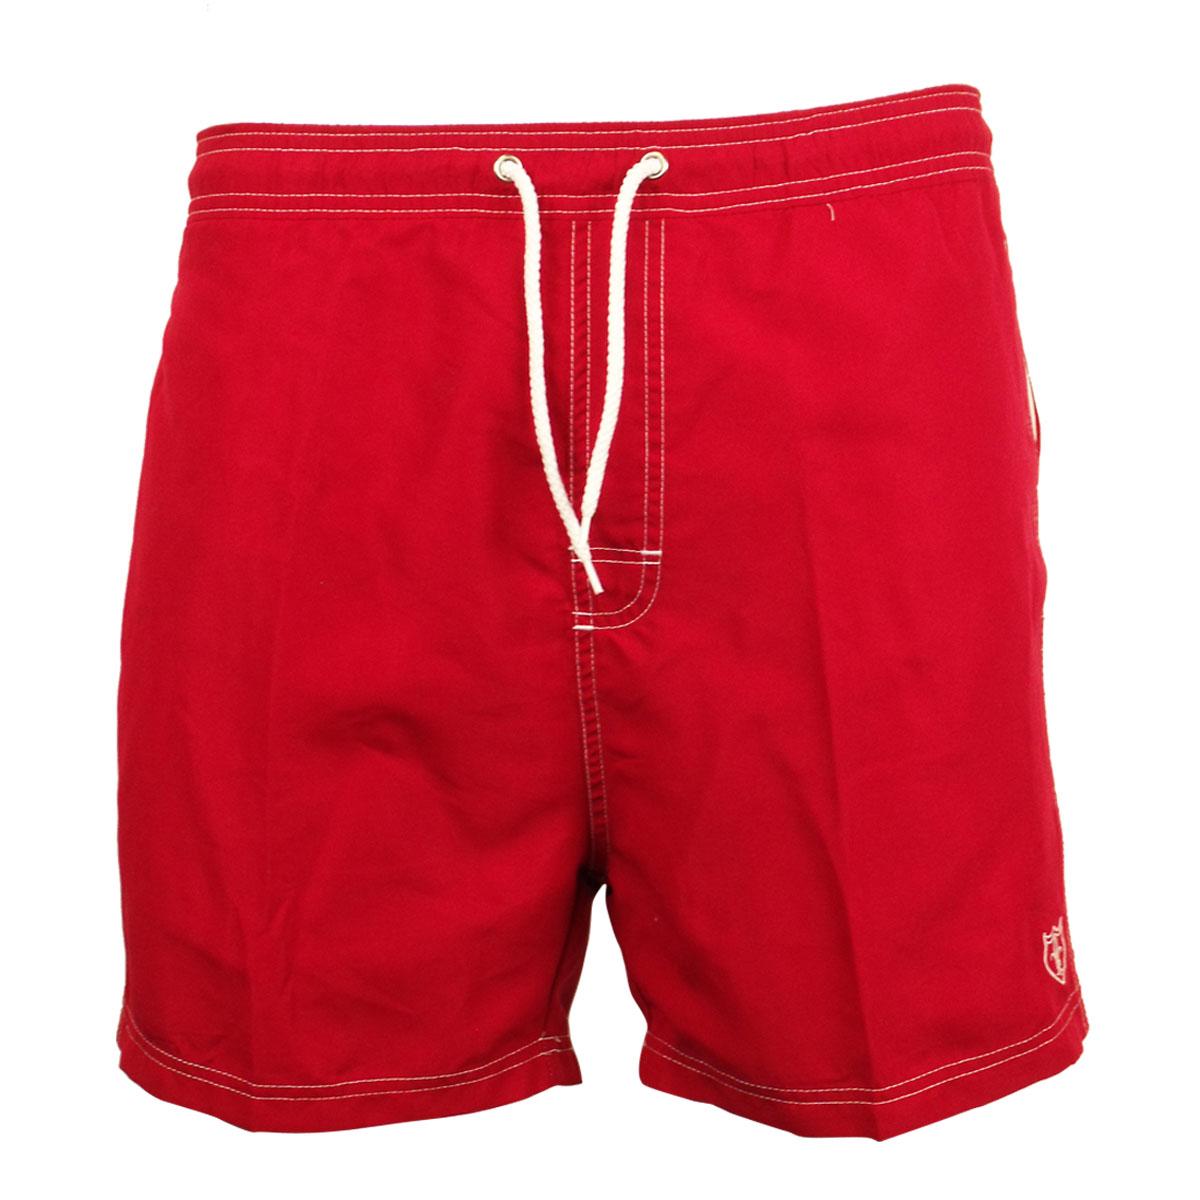 New Mens Boys Swimming Short Sports Beach Casual Swim Shorts Size S M L XL XXL